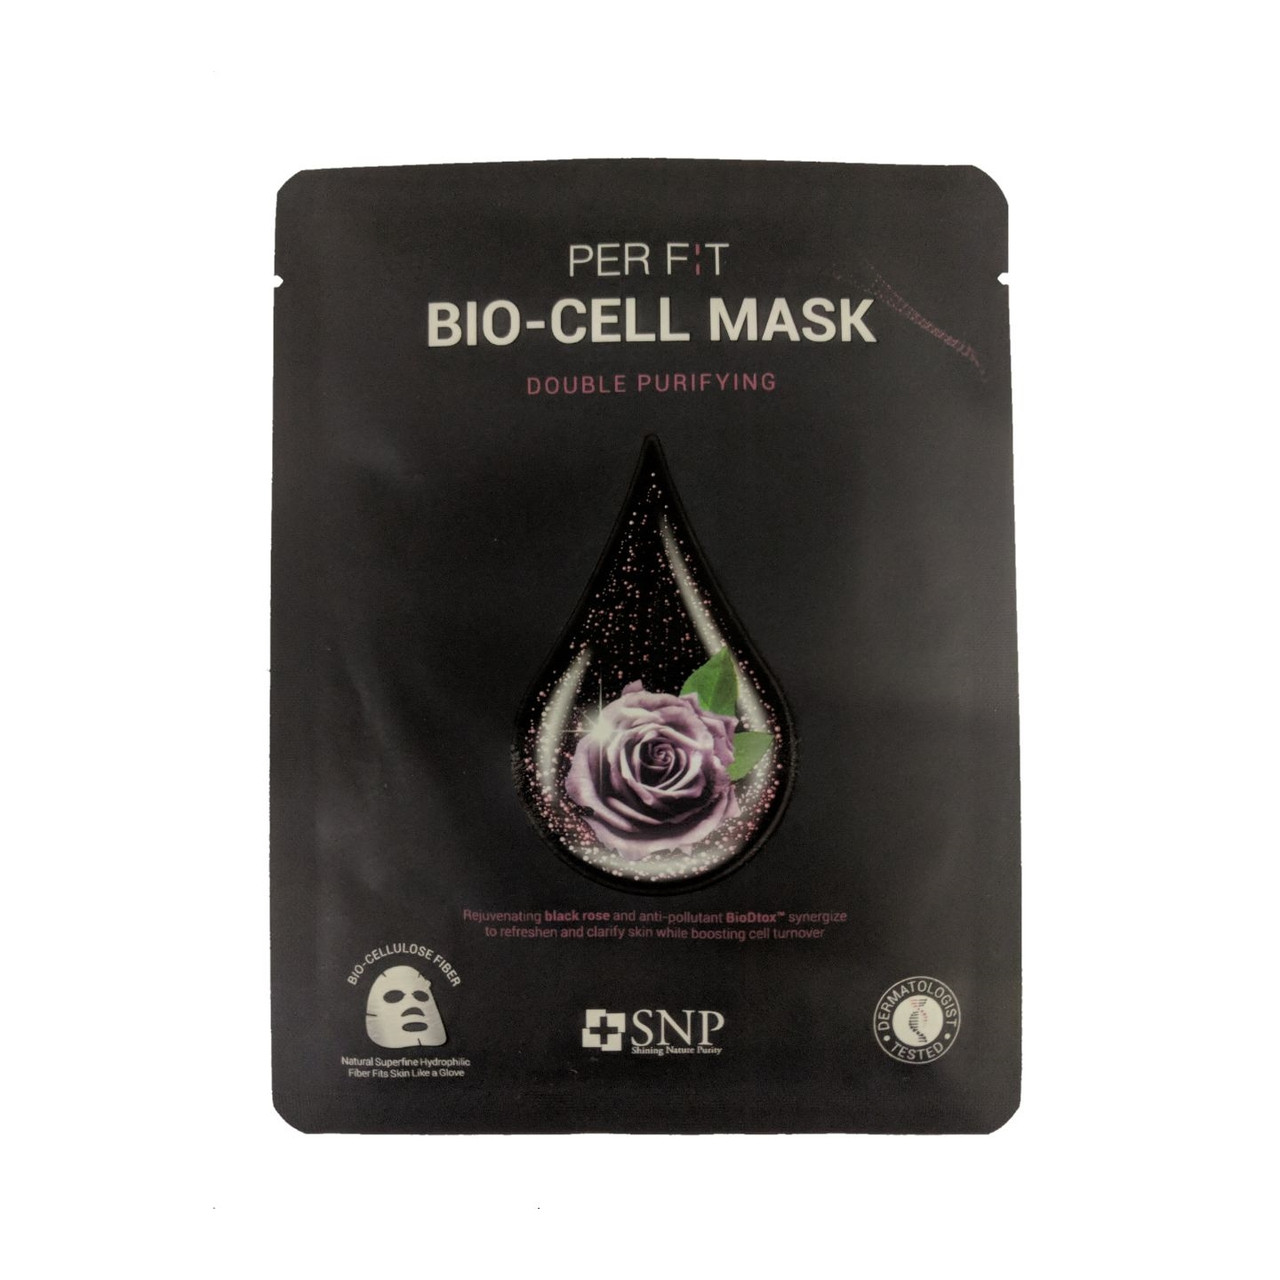 Биоцеллюлозная очищающая маска для лица с экстрактом чёрной розоы SNP Double Purifying Bio-cell Mask 25 мл (8809458846961)